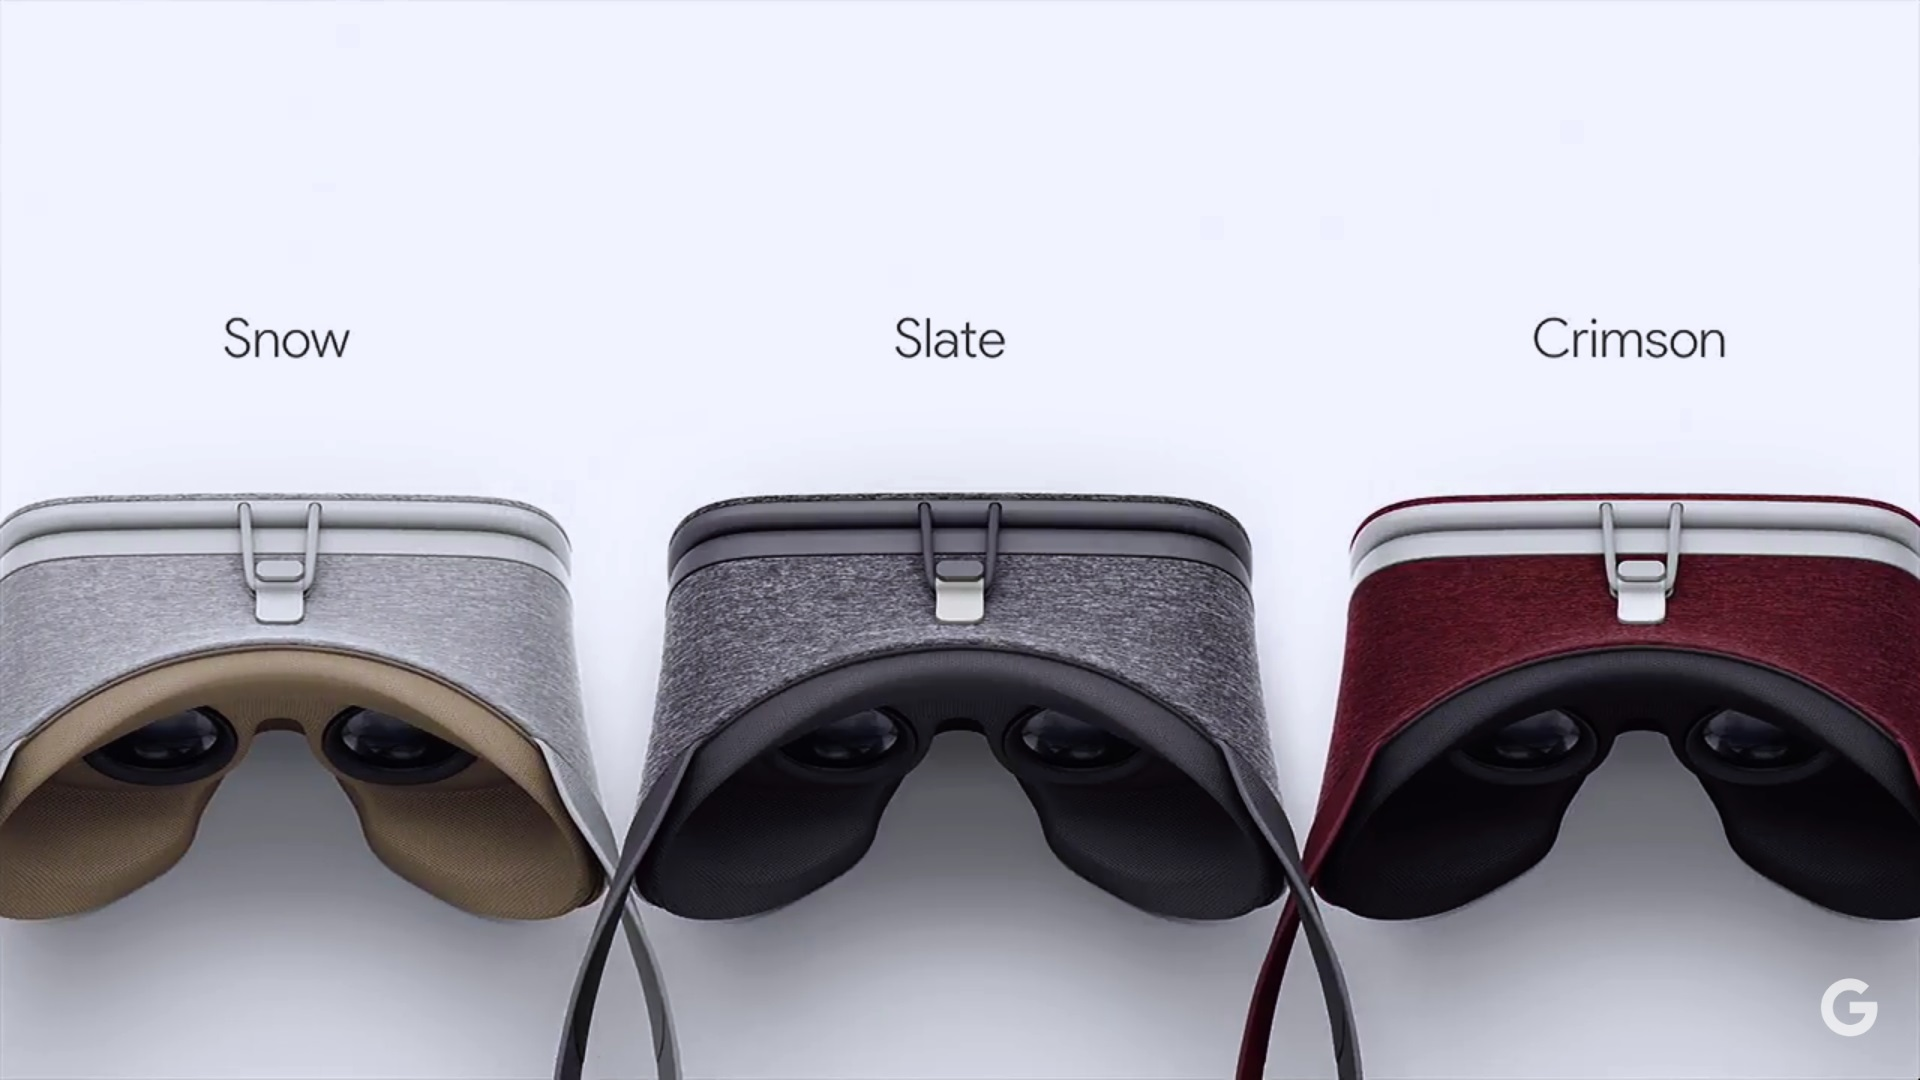 Virtuálna realita Daydream od Google. Headset je z textílie, je preto ľahký a mäkký